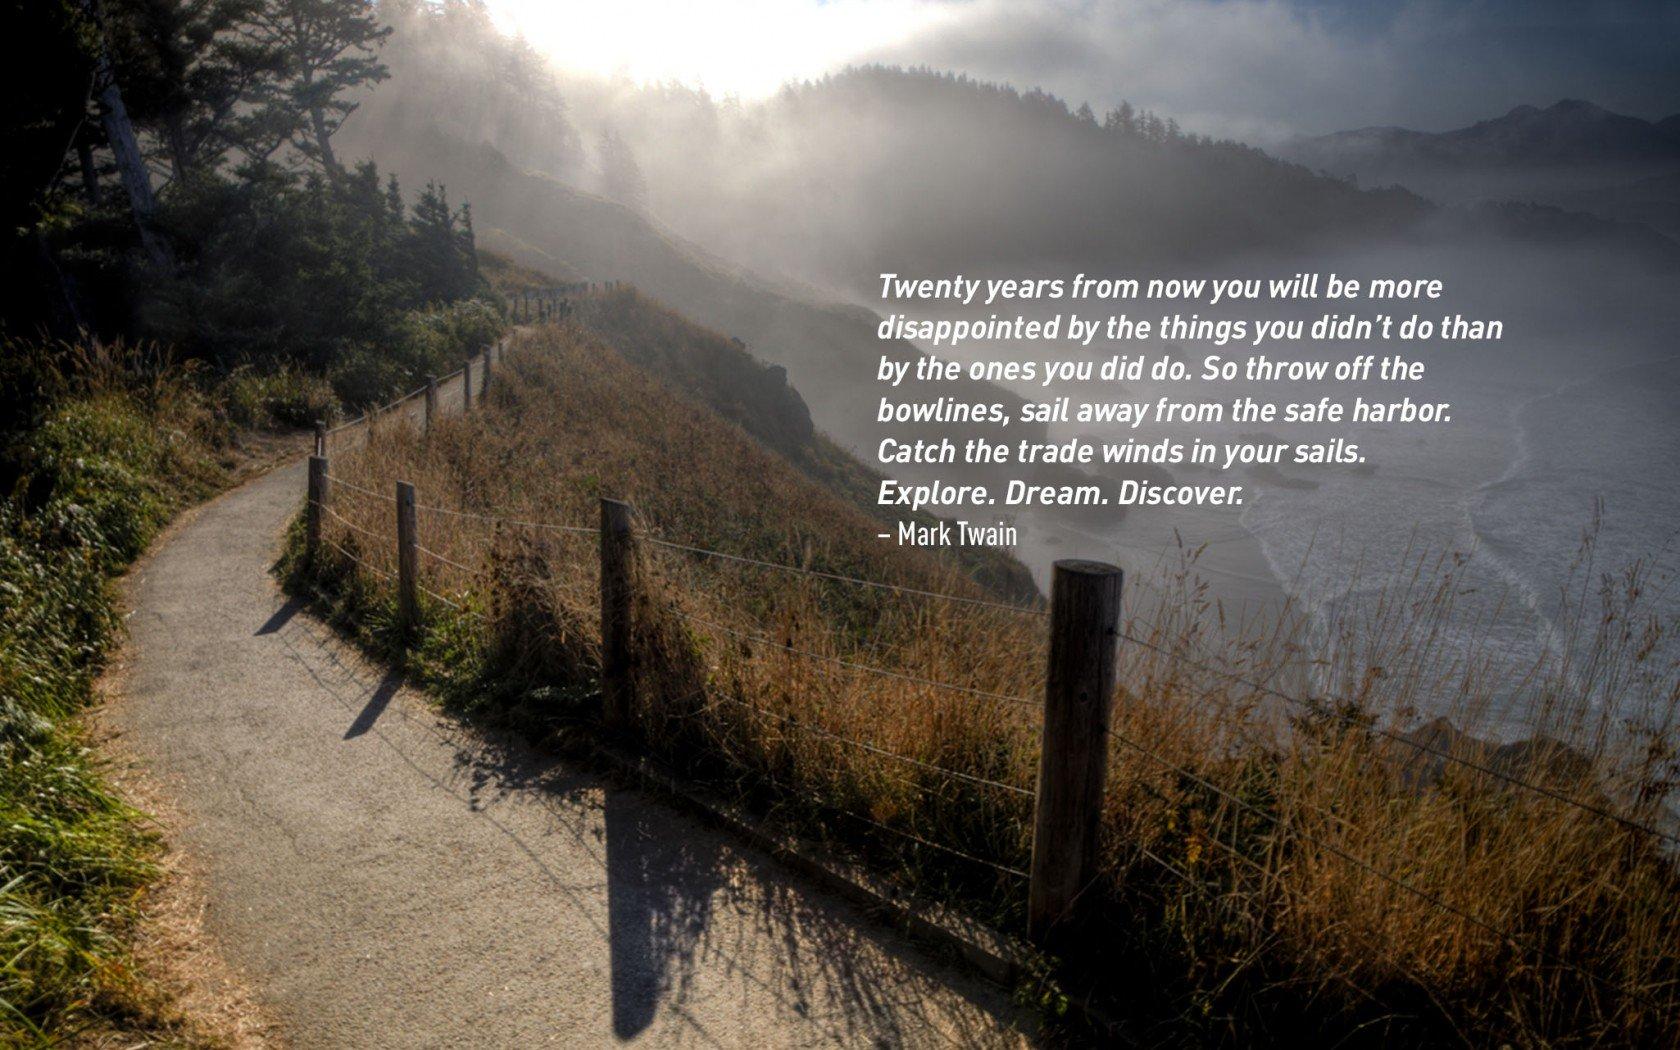 Mark Twain célèbre citation de voyage.